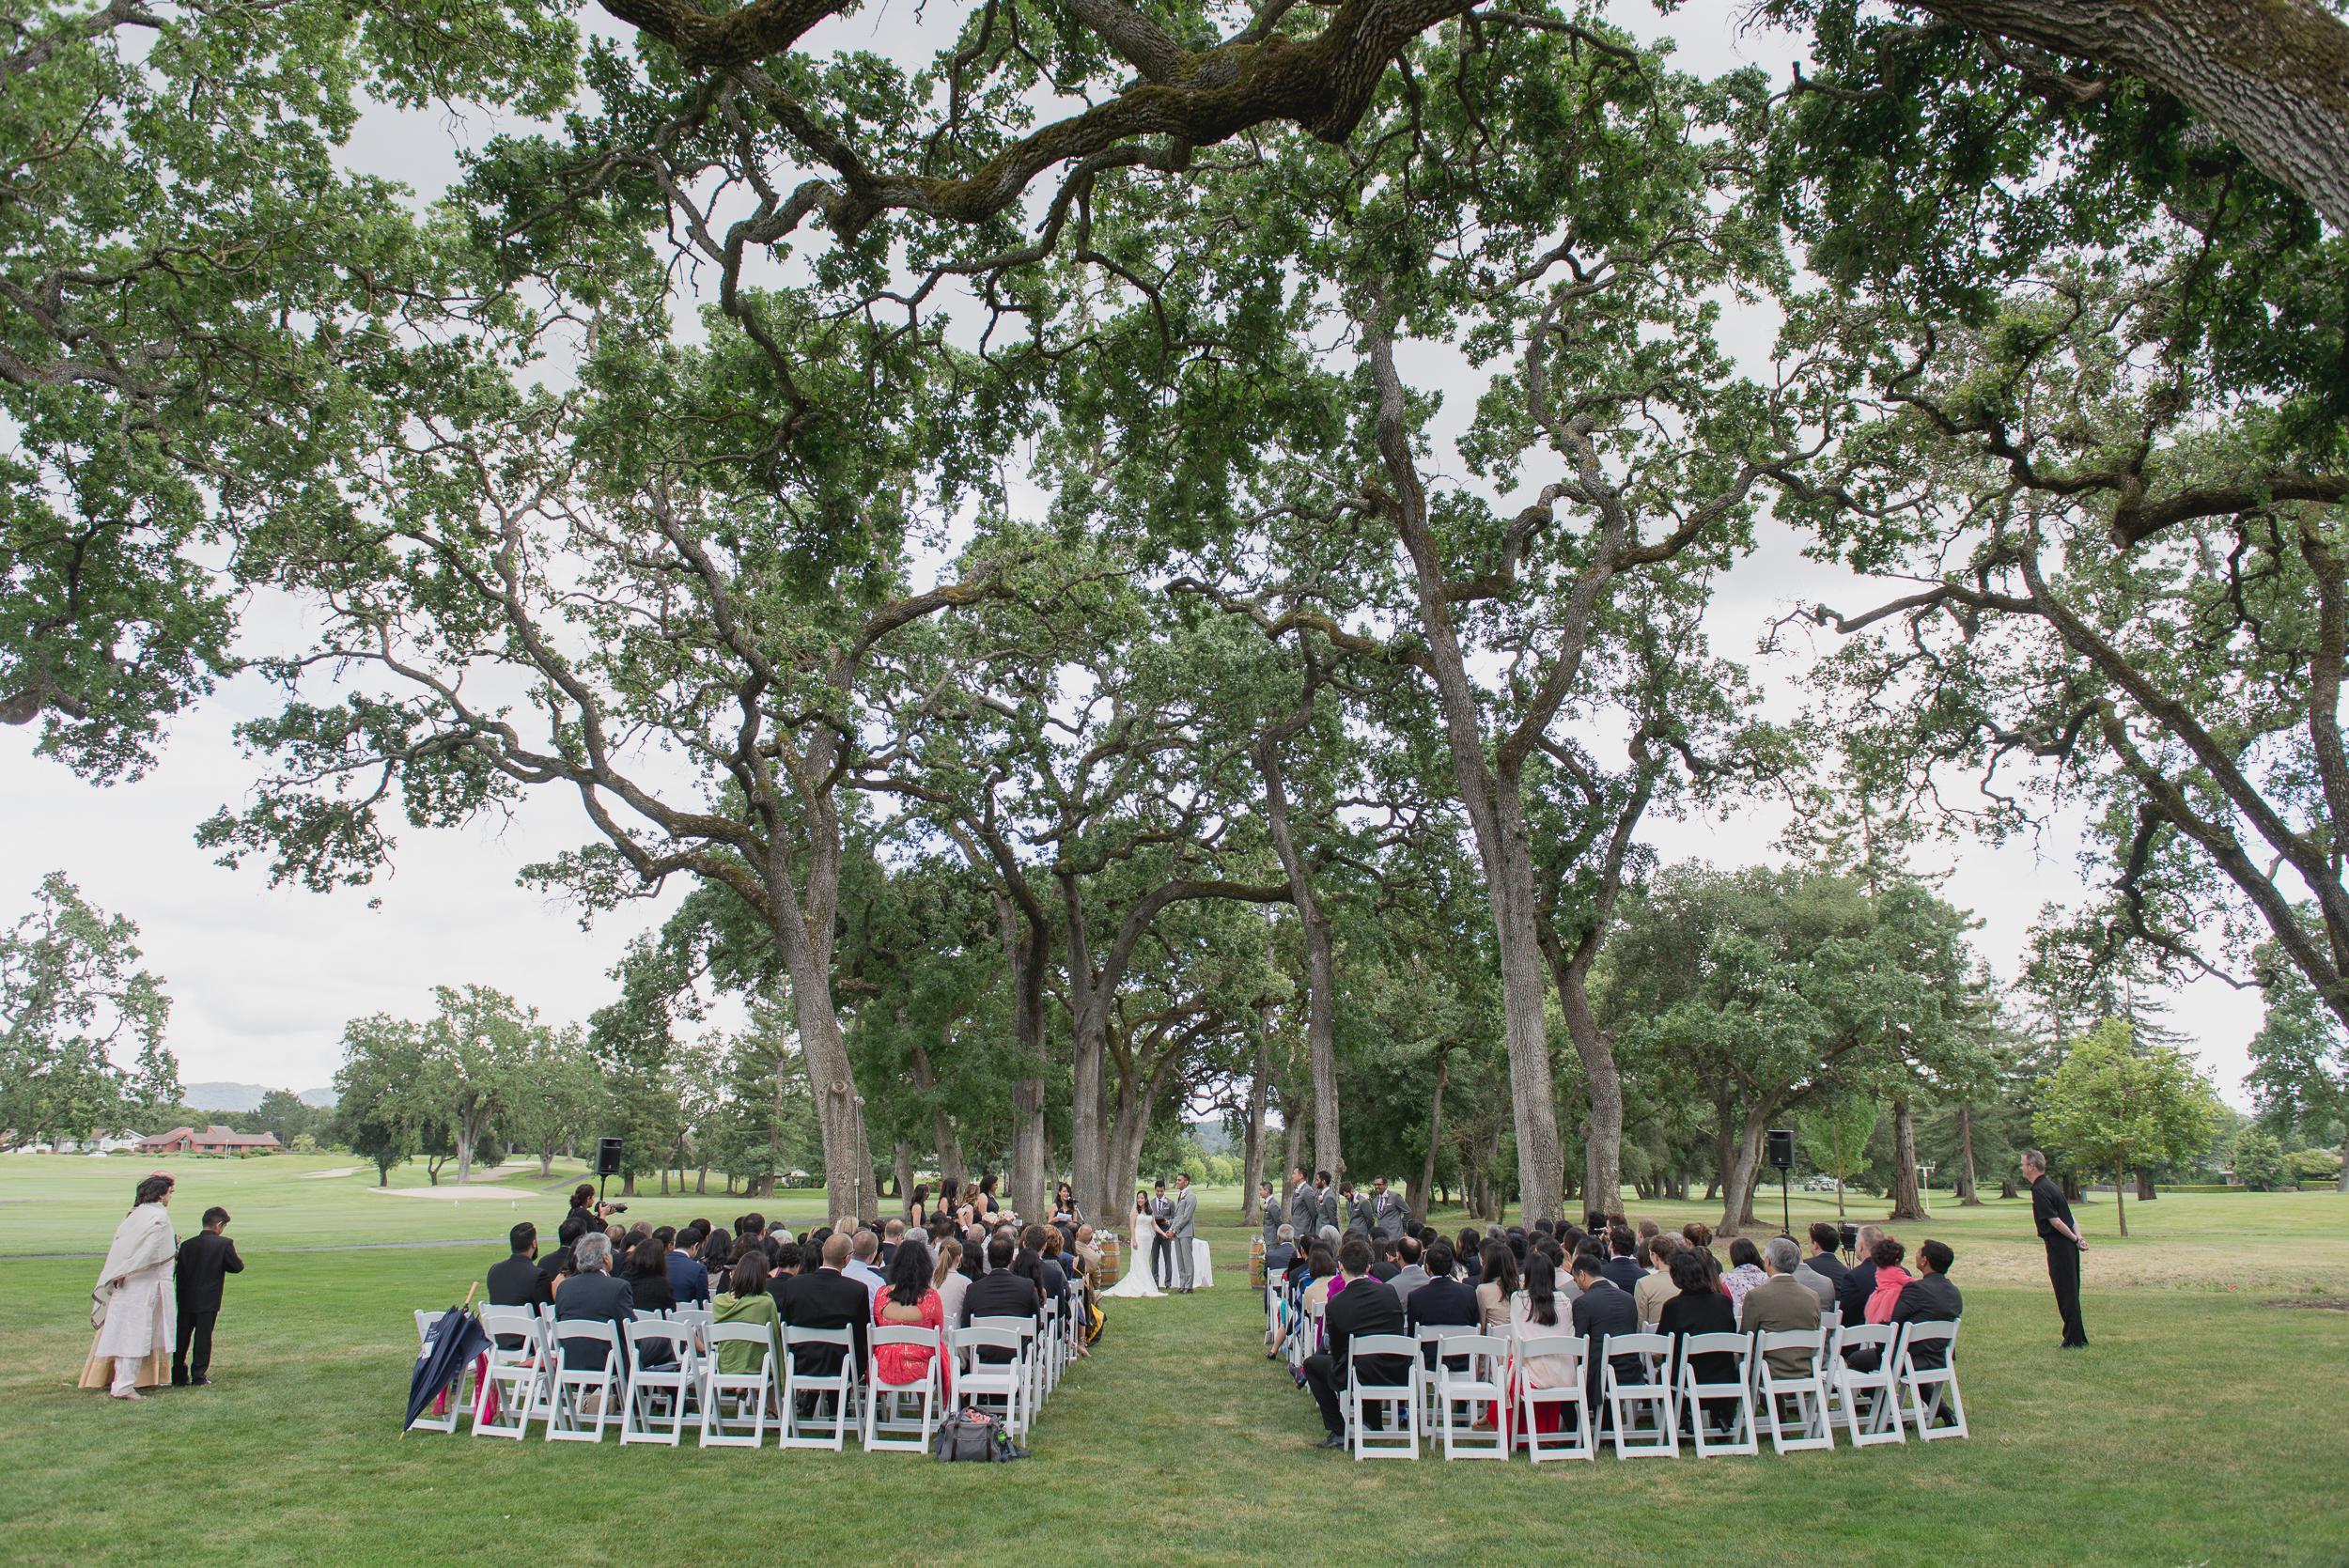 silverado-resort-napa-wine-country-wedding-26.jpg